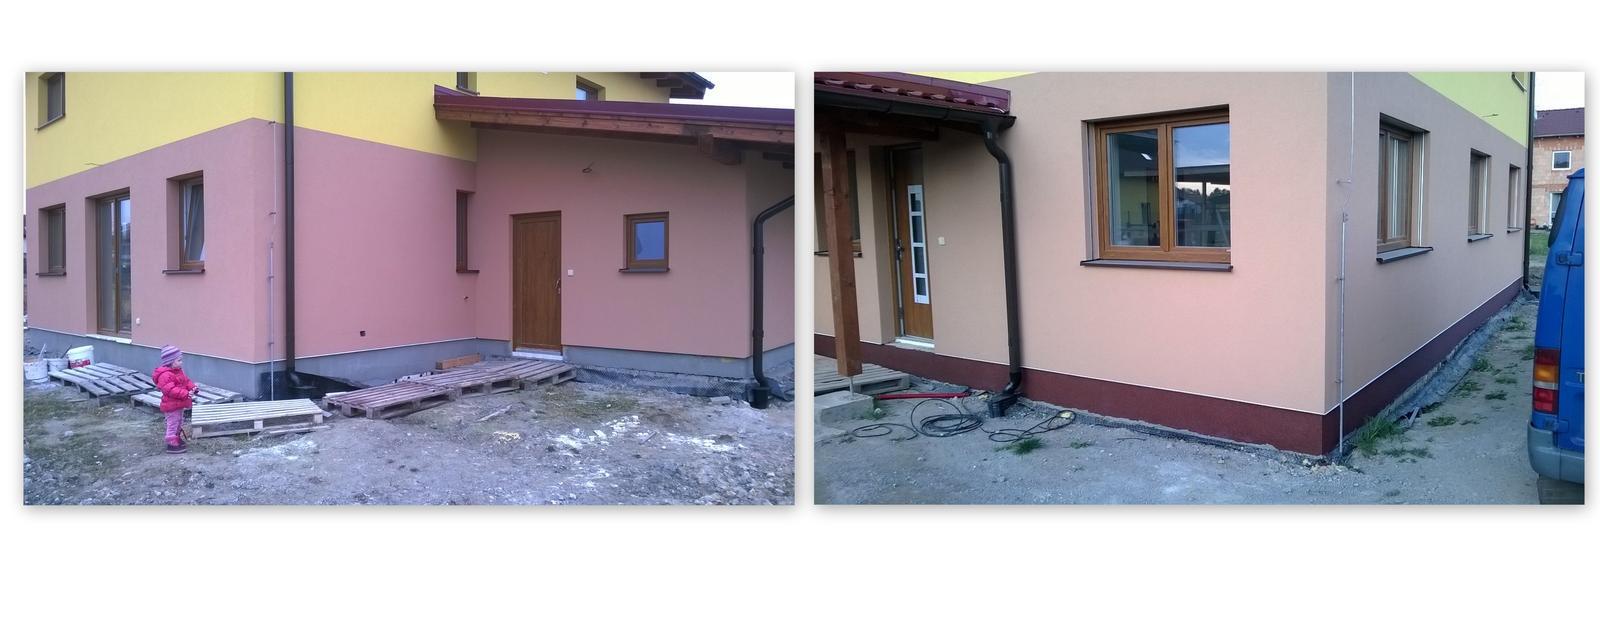 Stavba pasivního domu - Marmolitový sokl. Měl by být stejně nezničitelný a trvanlivý jako probarvená omítka.